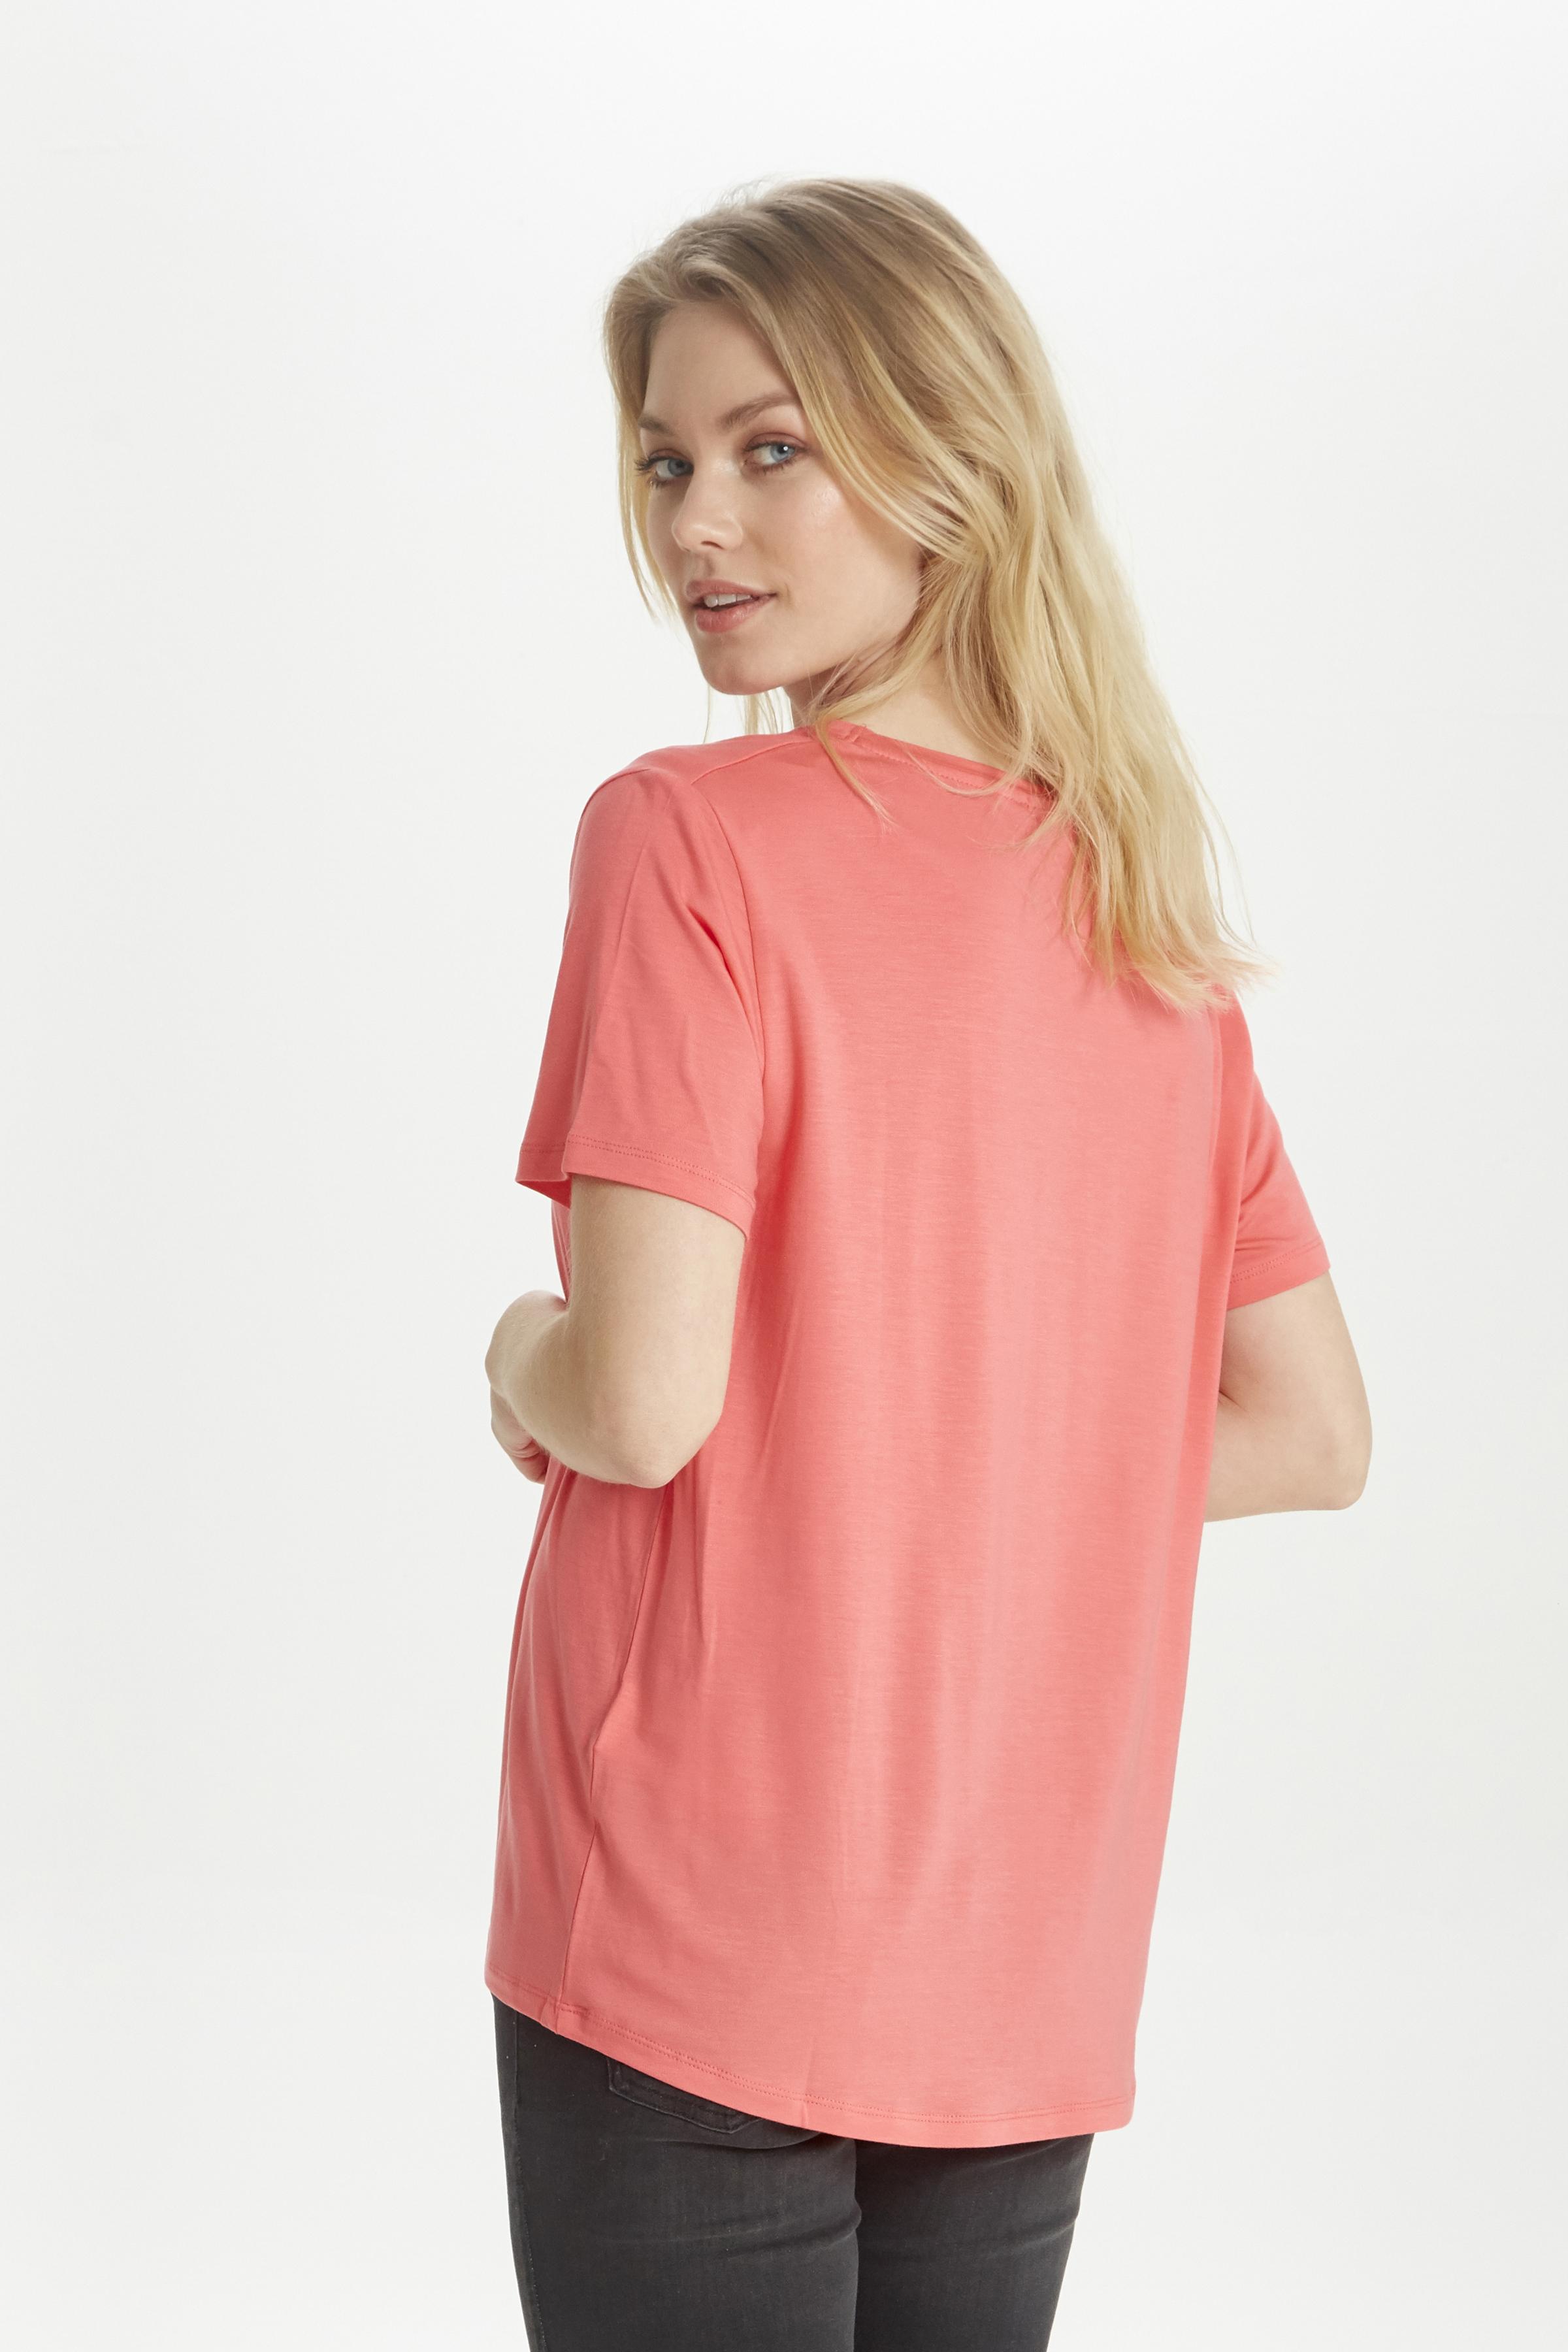 Sunkist Coral T-shirt von b.young – Kaufen Sie Sunkist Coral T-shirt aus Größe S-XXL hier